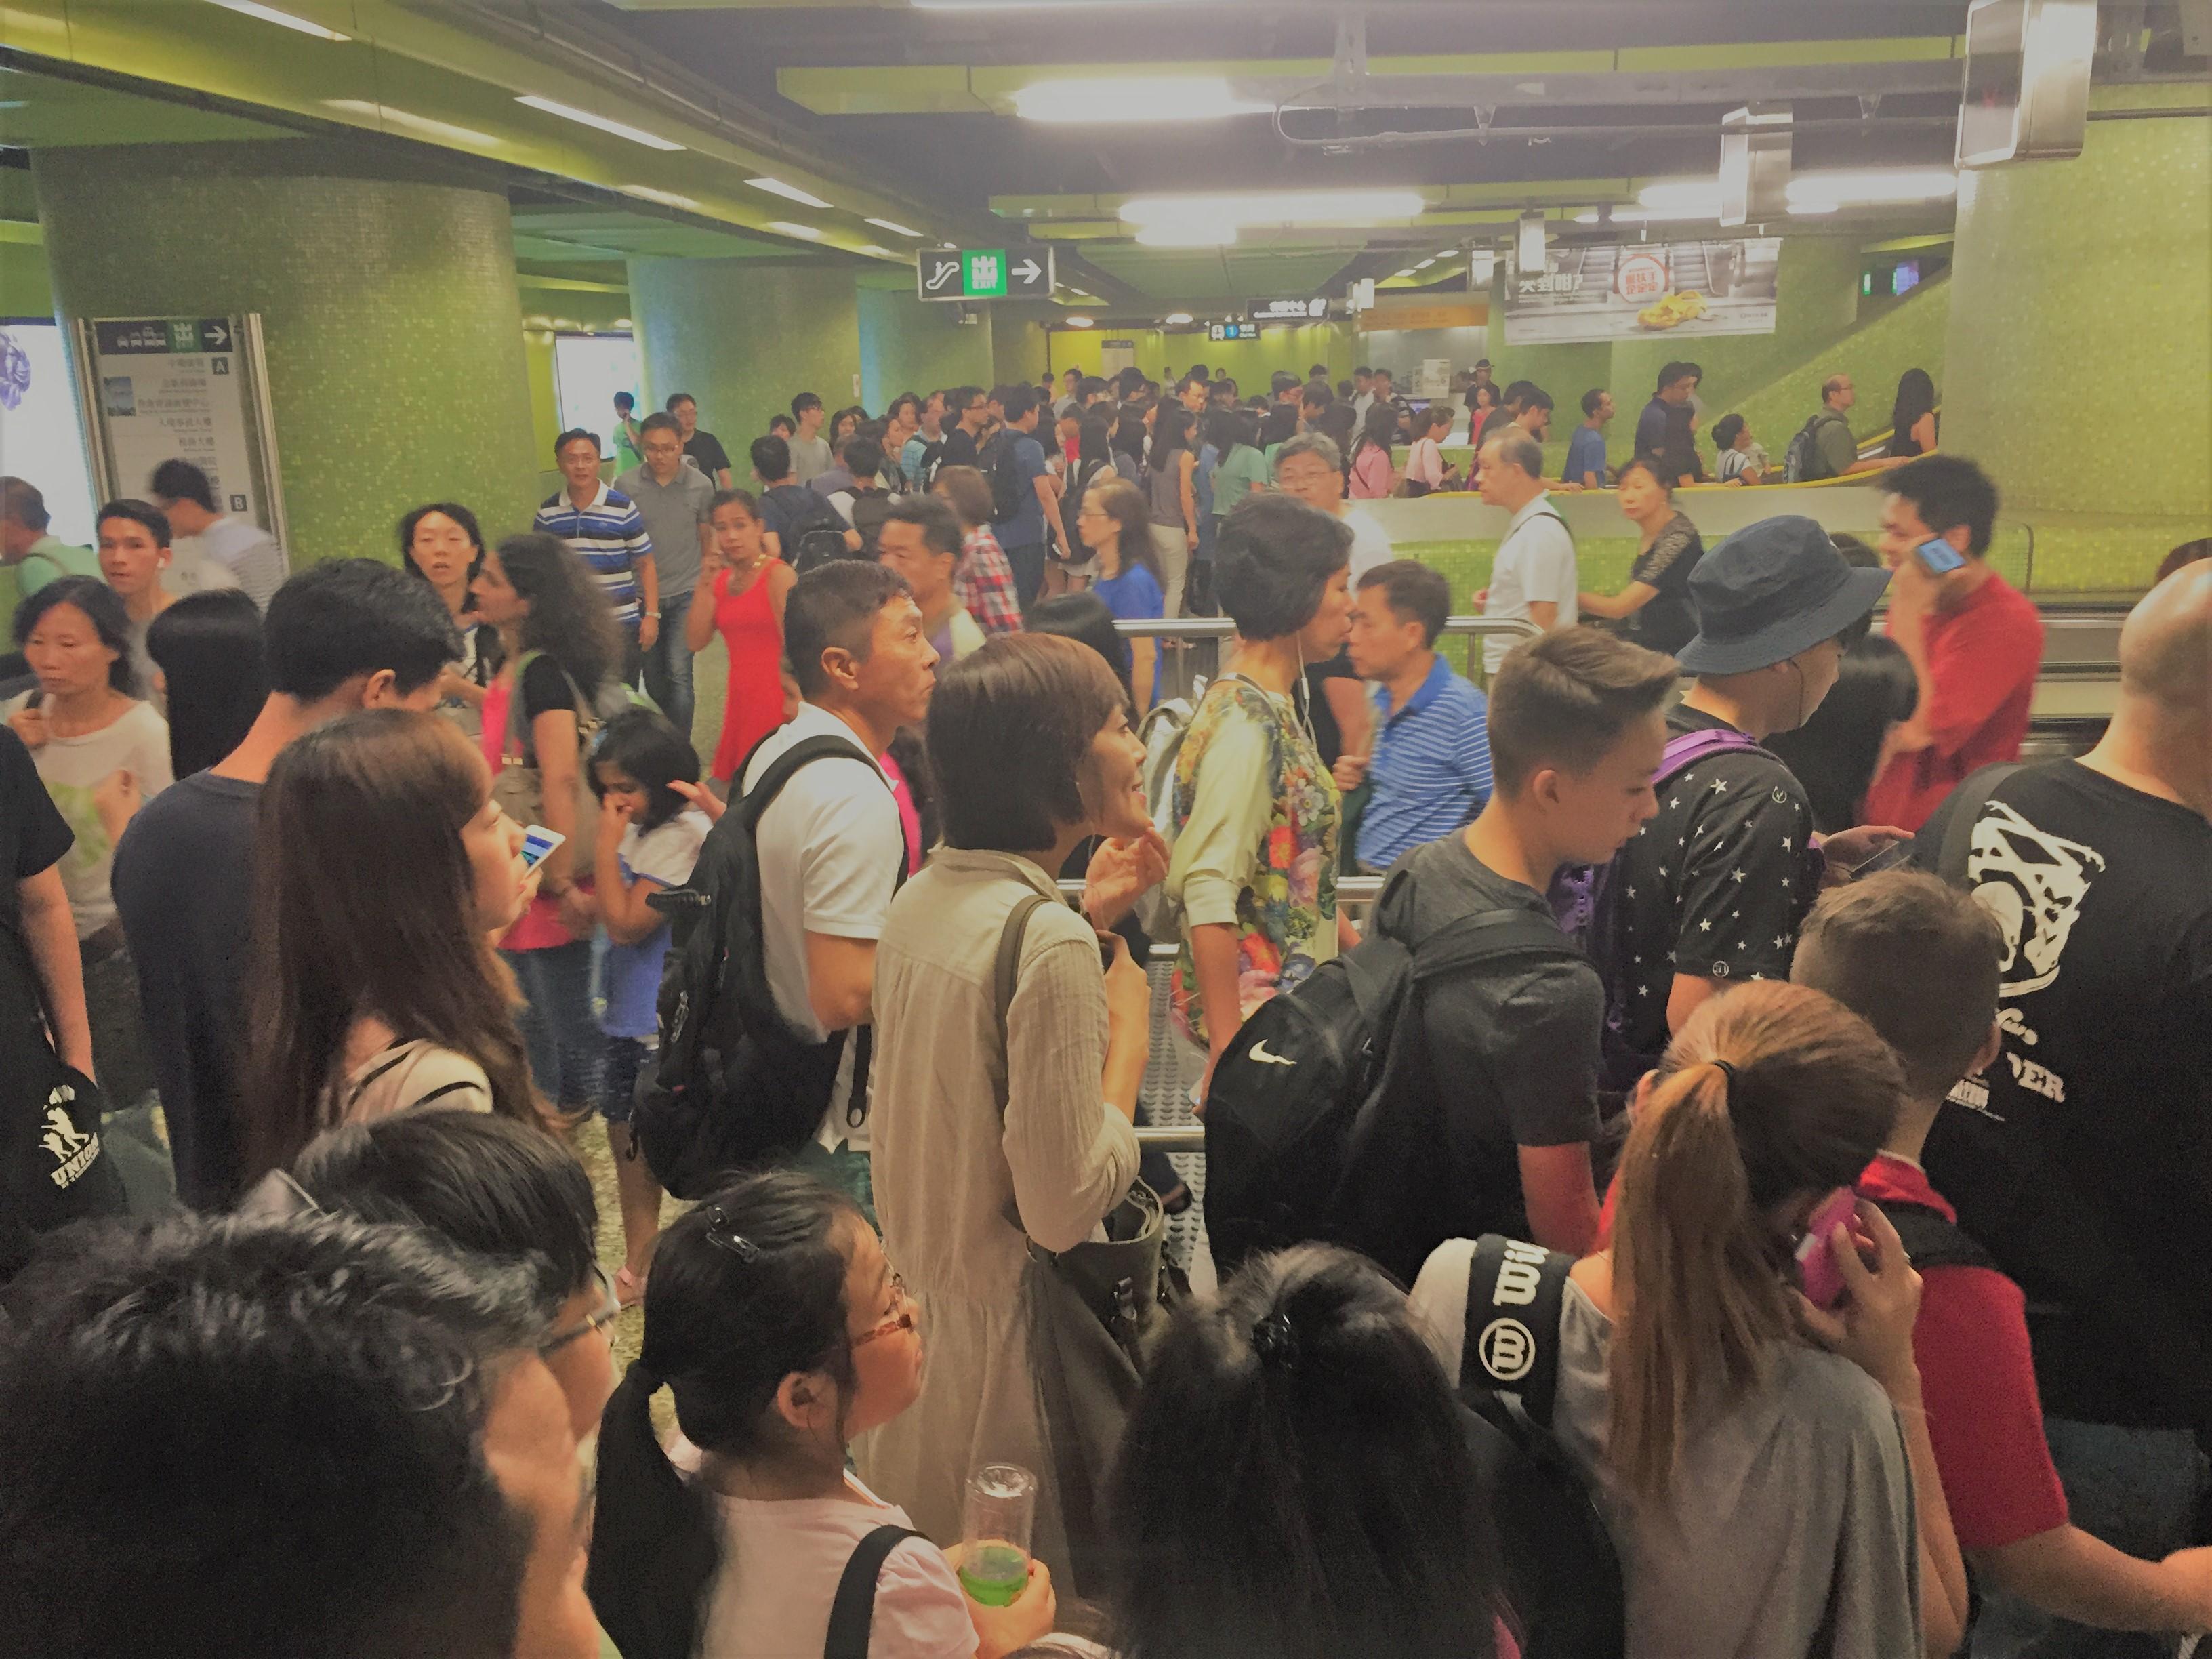 Sheung Wan MTR